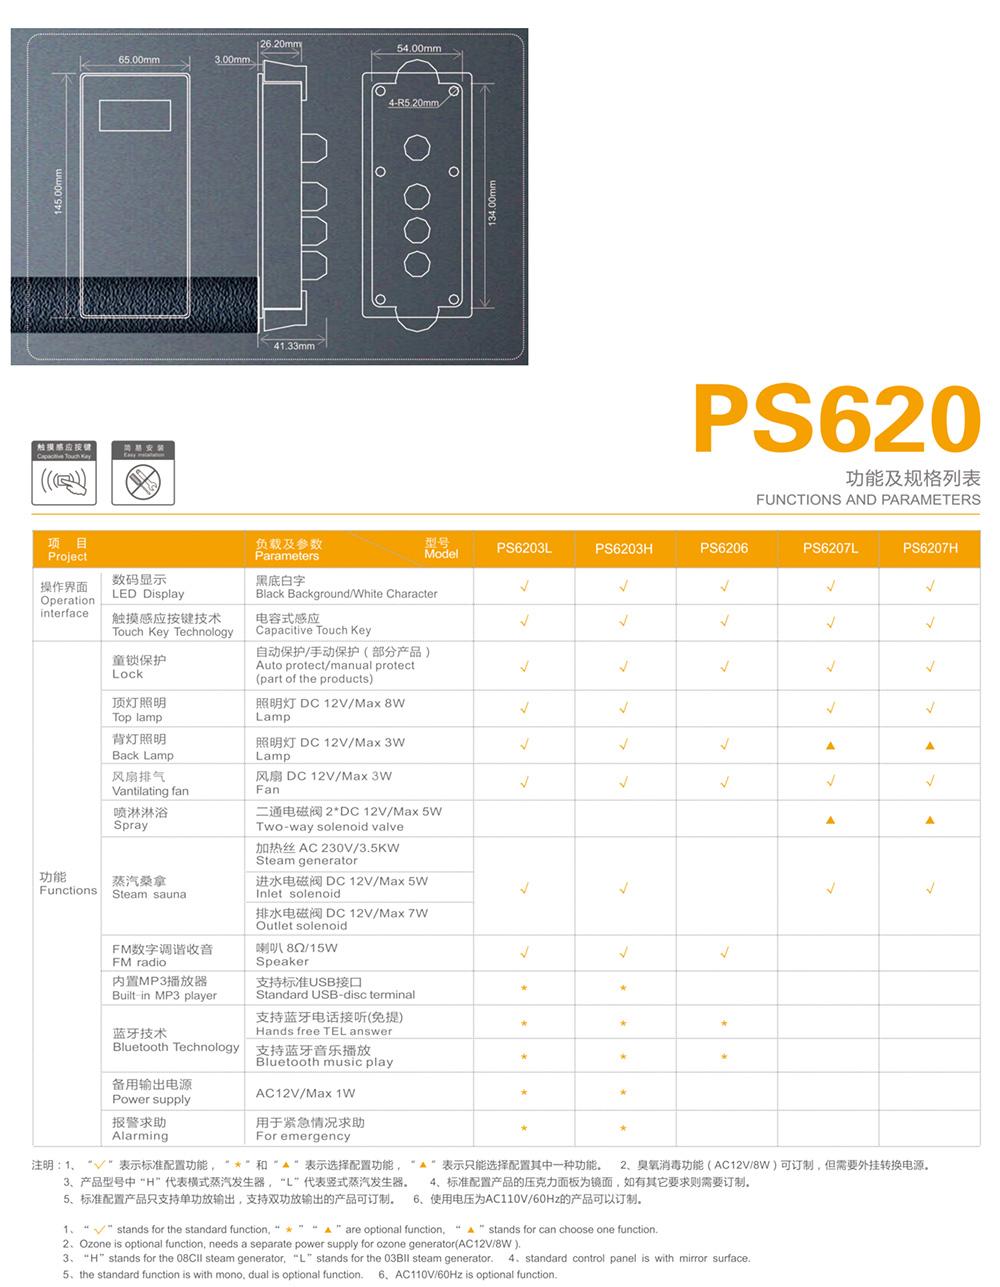 PS620.jpg